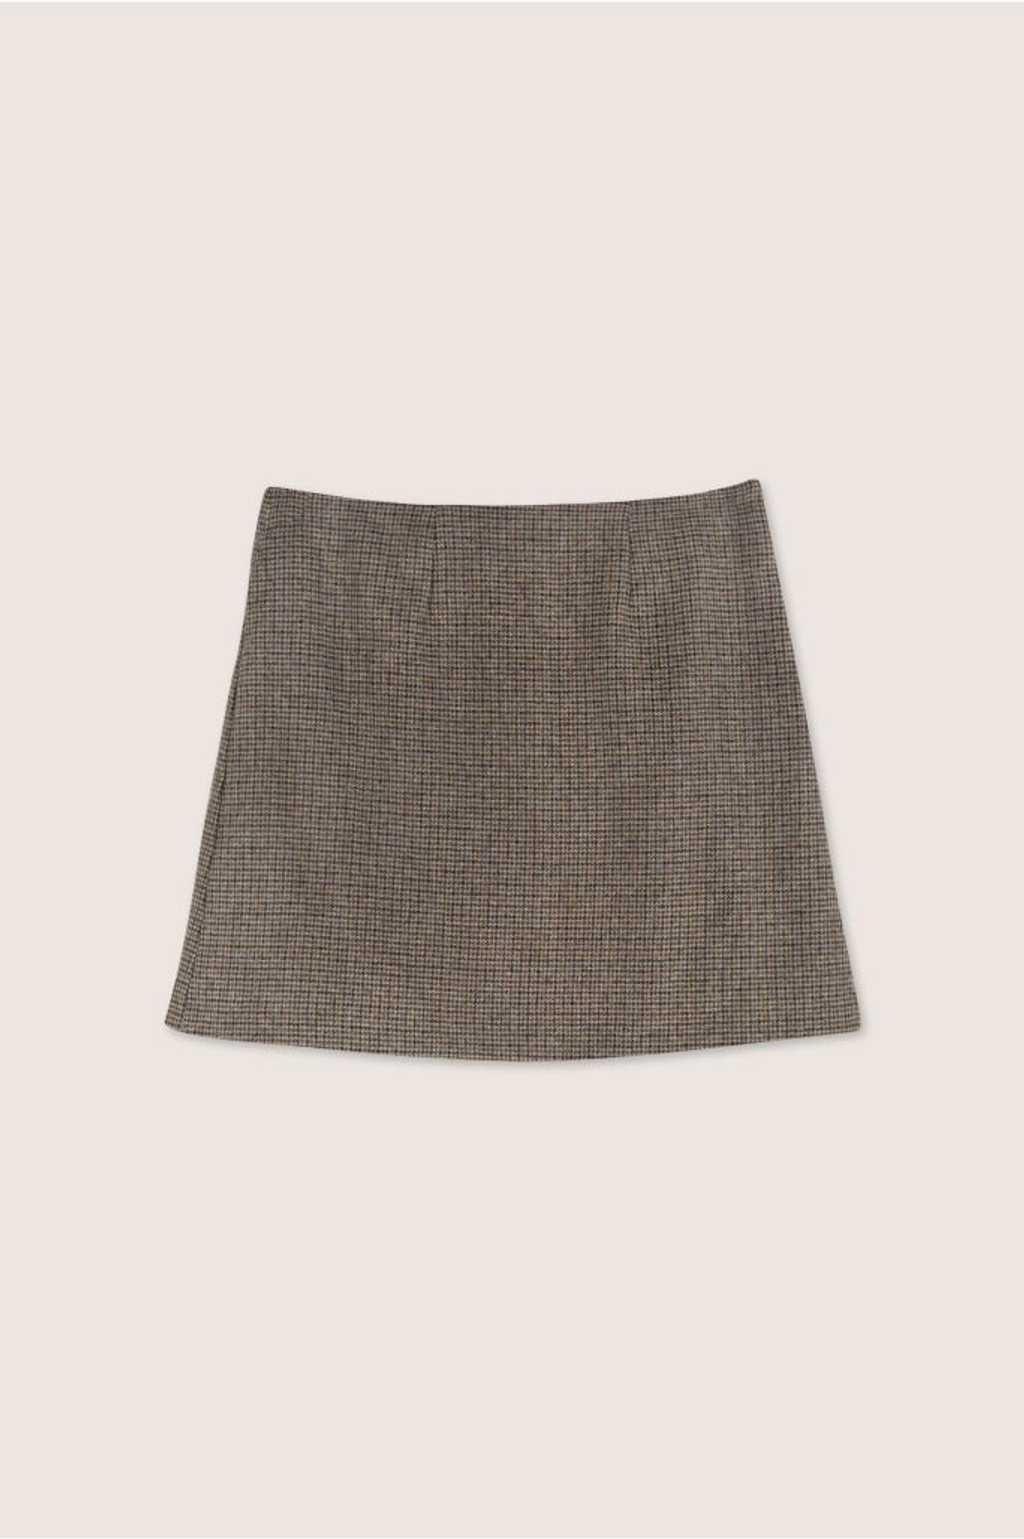 Skirt H155 Beige 5